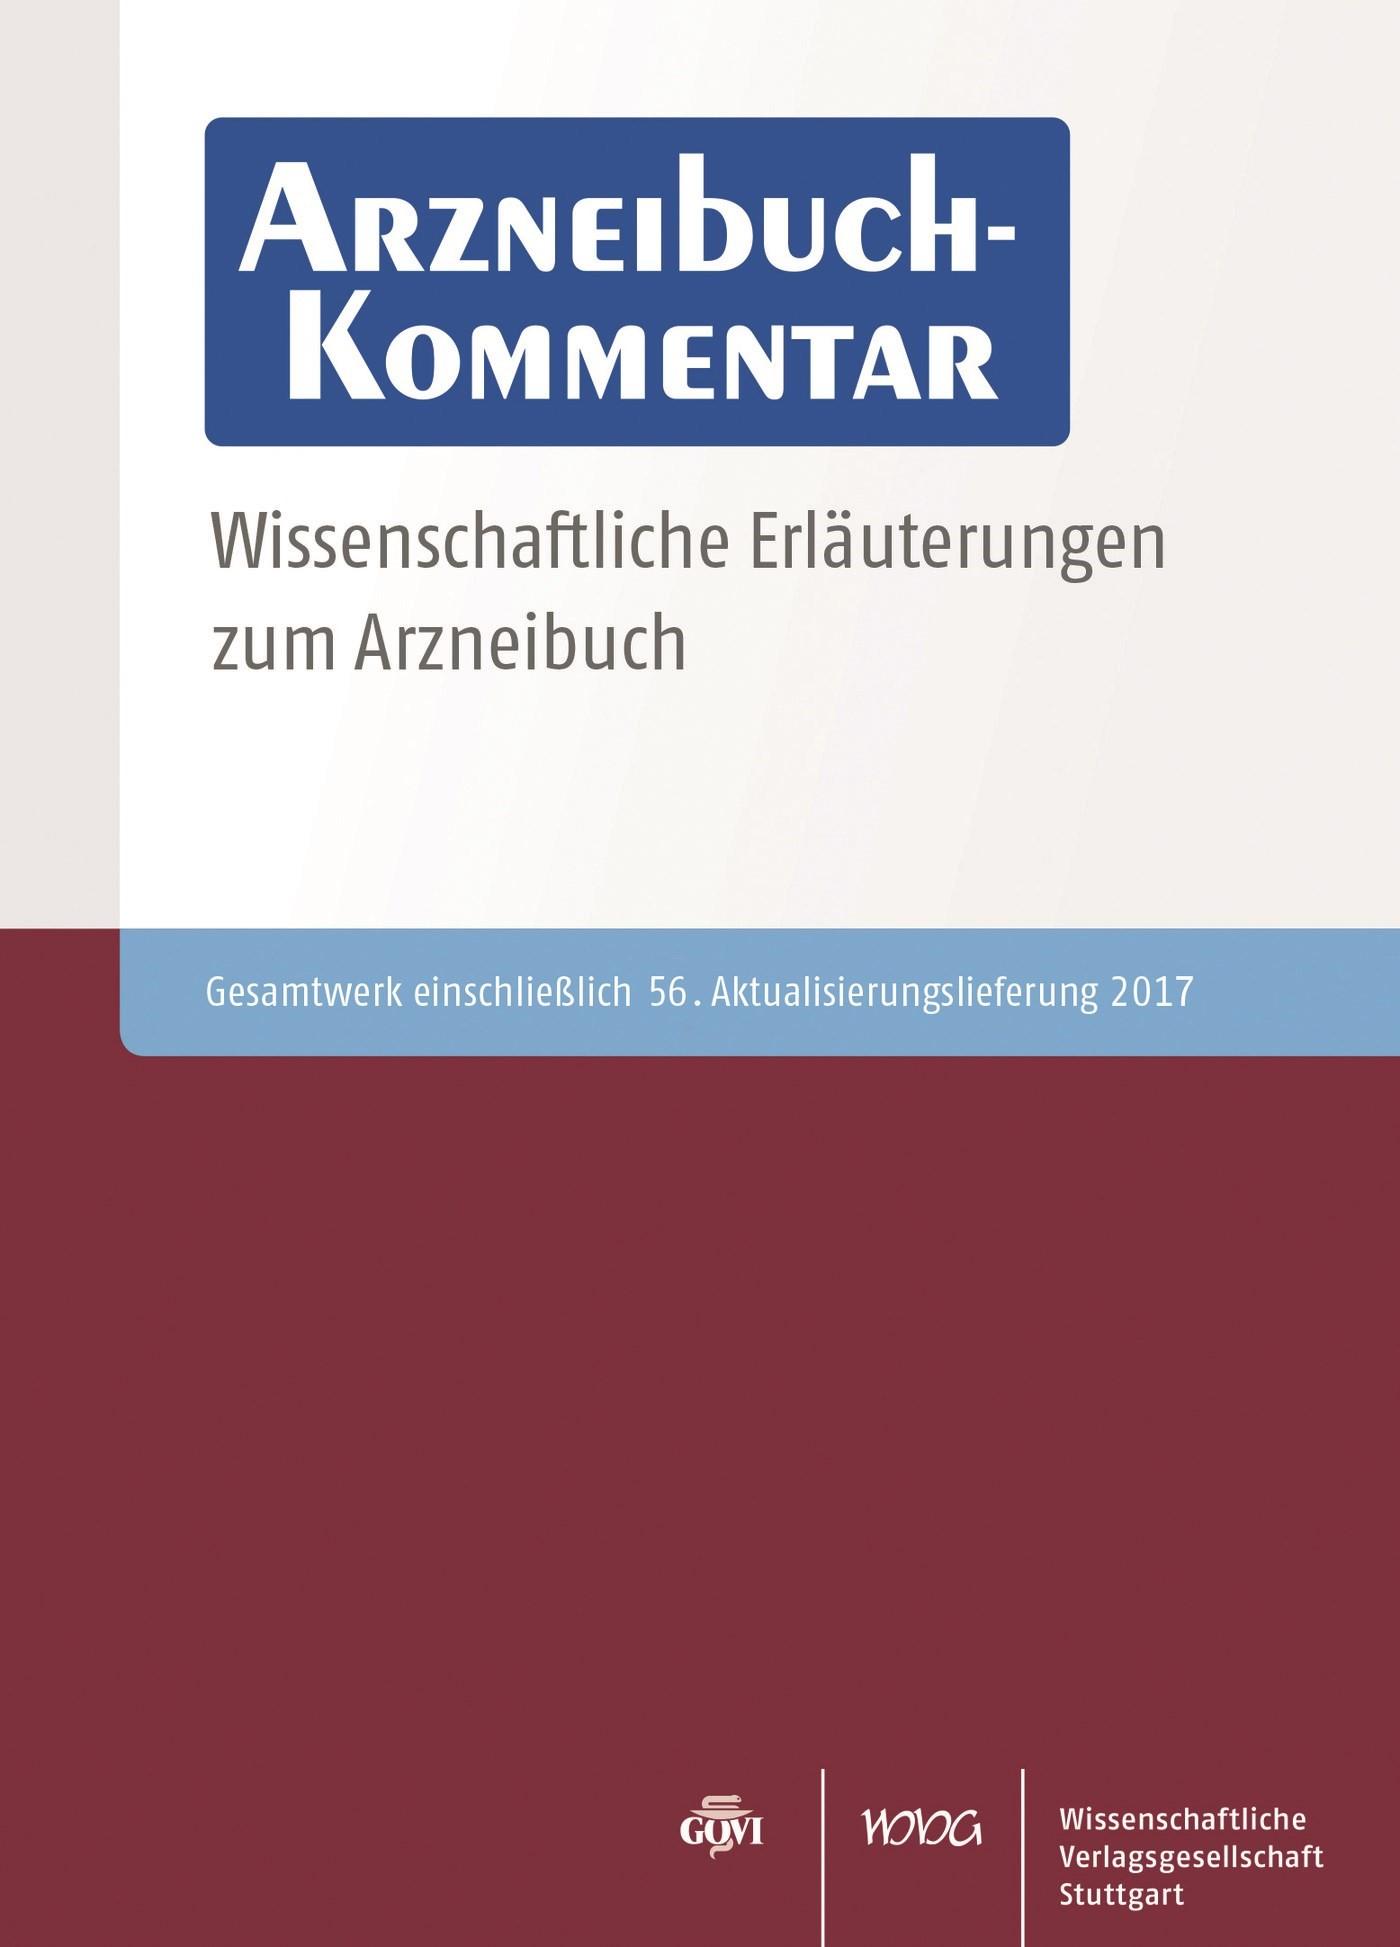 Arzneibuch-Kommentar CD-ROM VOL 56 | Bracher / Heisig / Langguth / Mutschler / Rücker / Schirmeister / Scriba / Stahl-Biskup / Troschütz, 2017 (Cover)